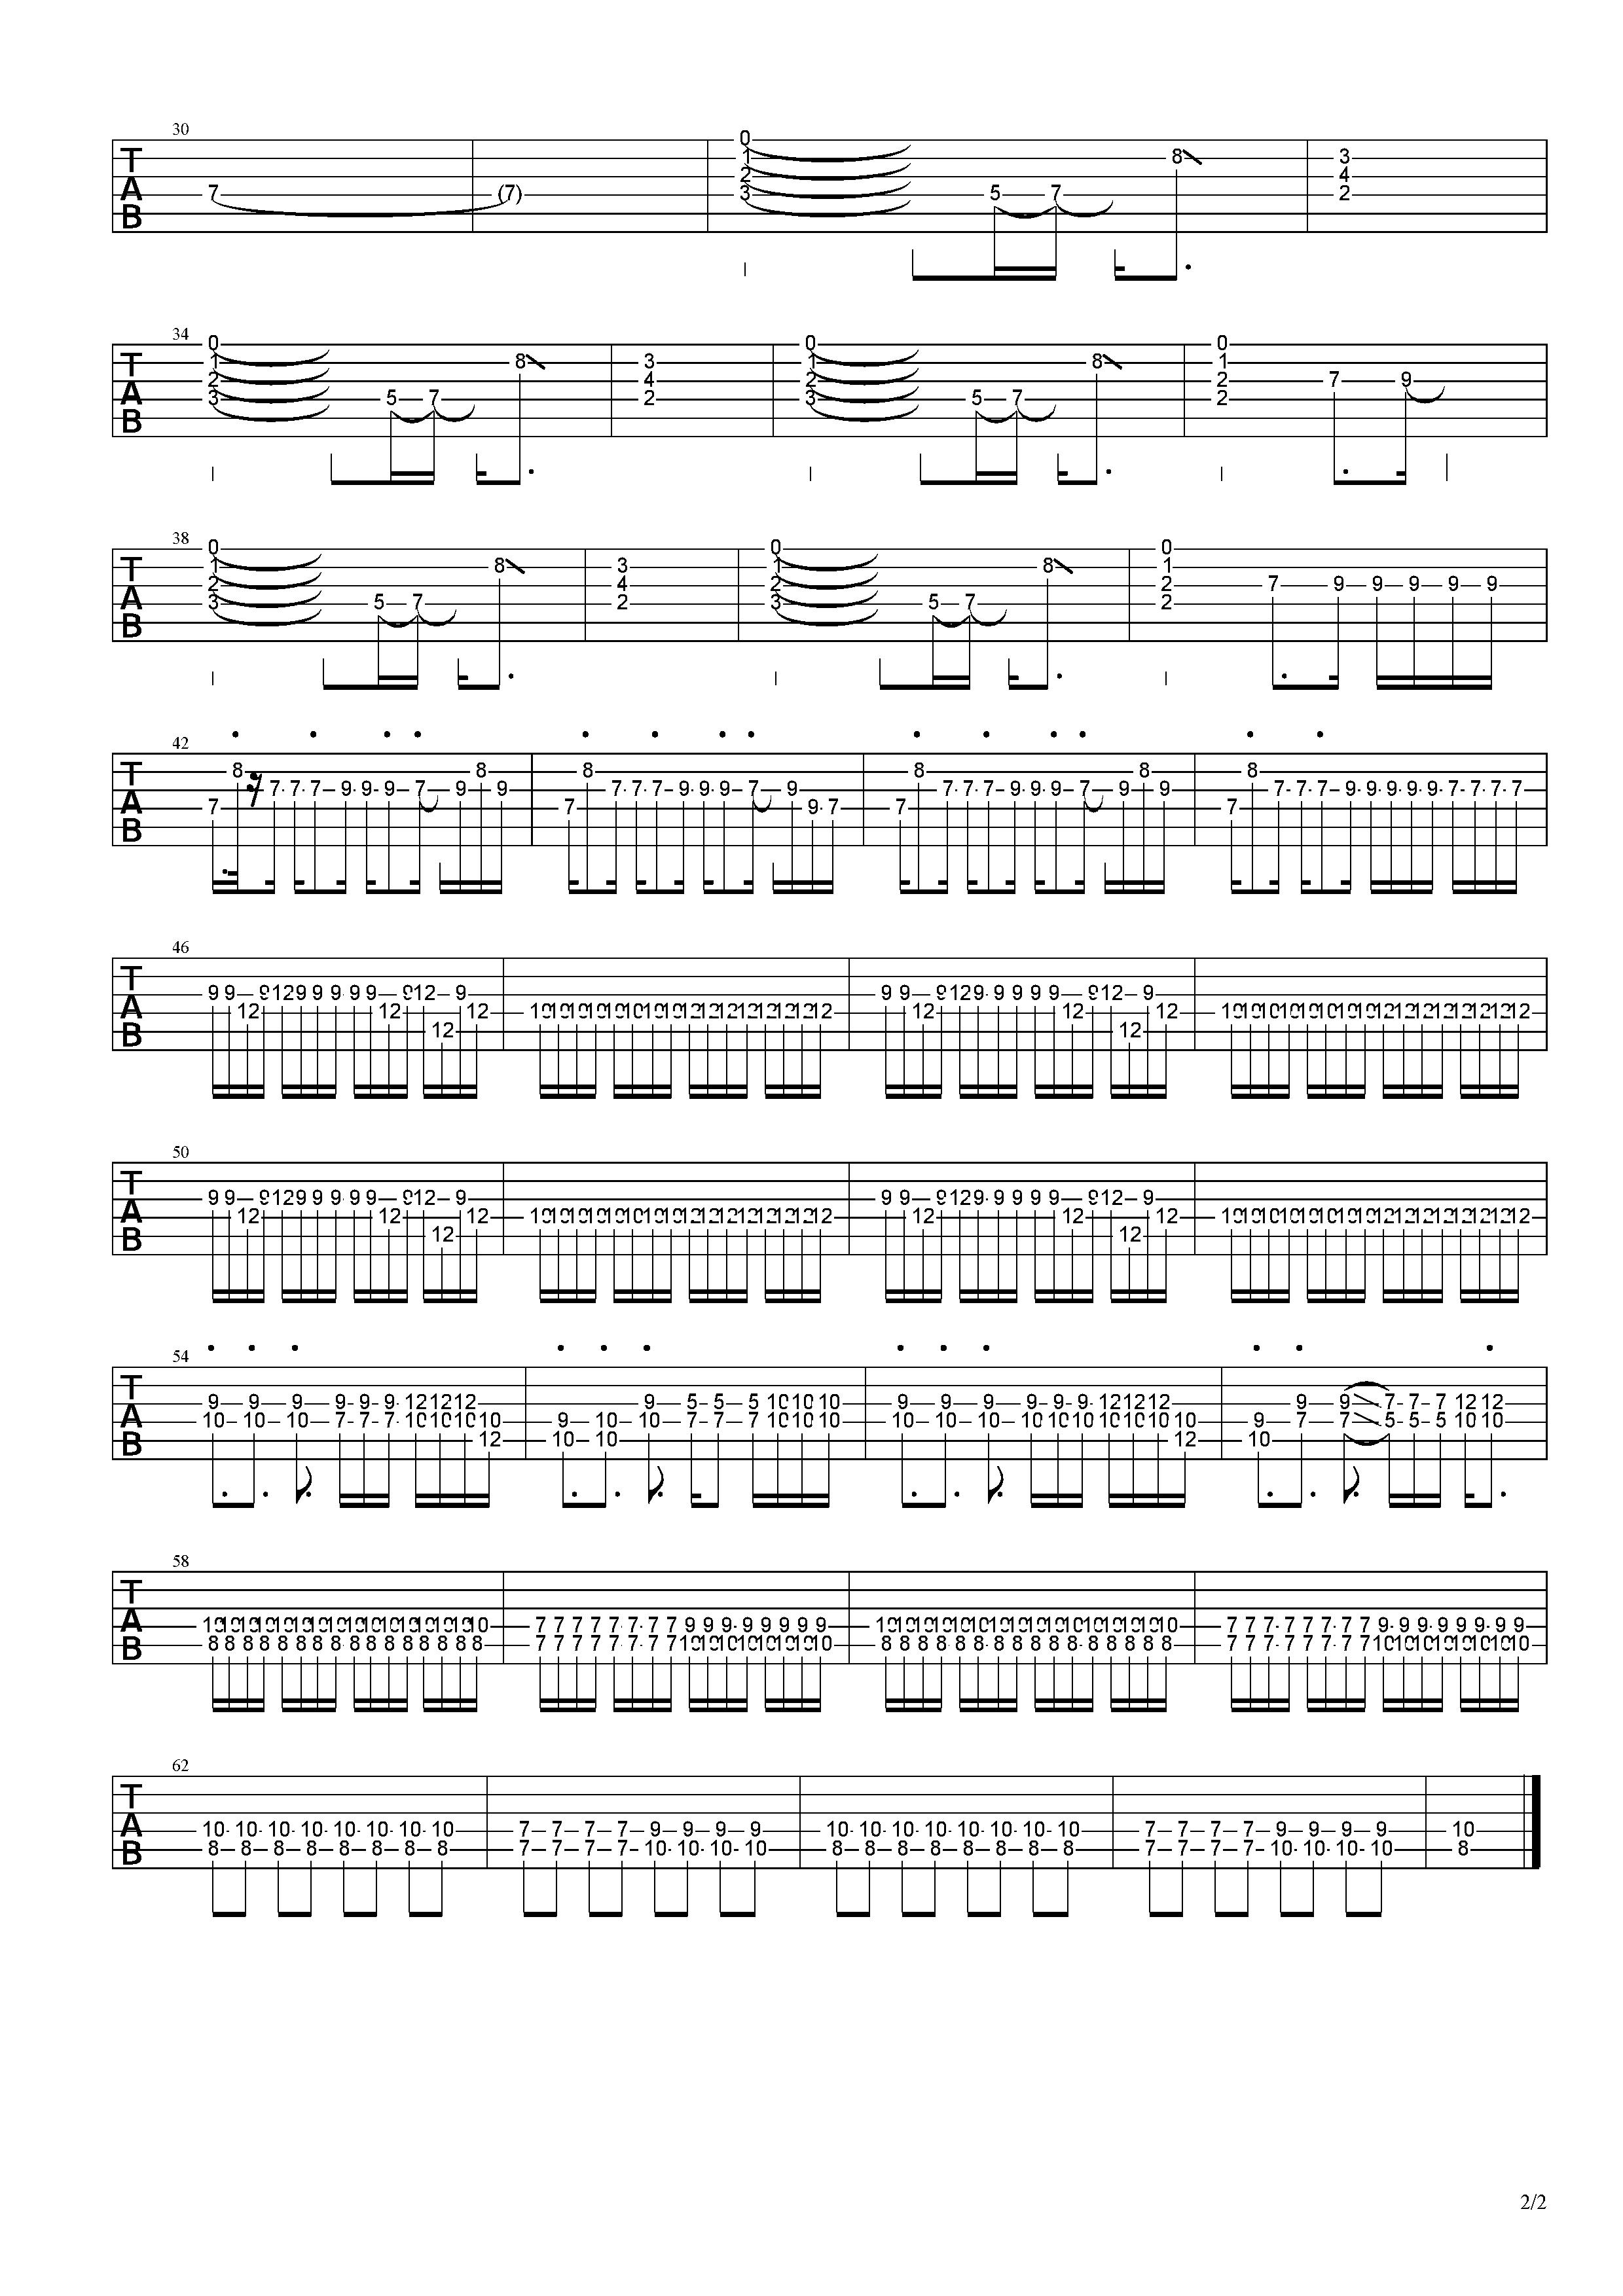 艾瑪-草東沒有派對-图片吉他谱-4